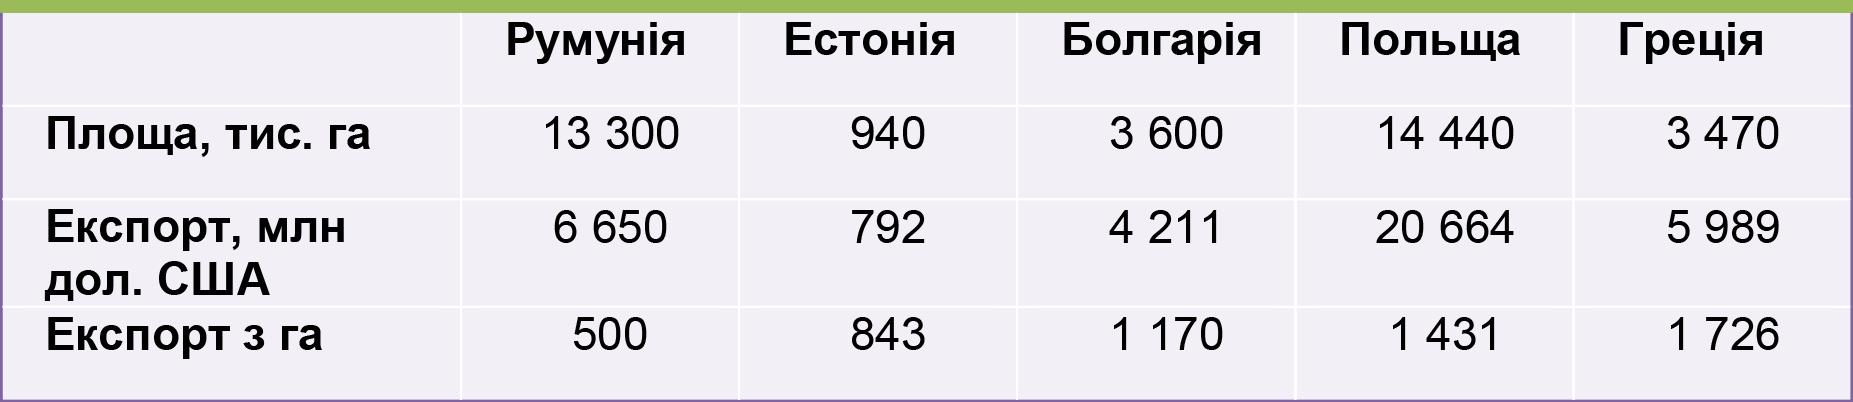 Експорт сільськогосподарської продукції та продовольчих товарів, Східна Європа, 2015 р.